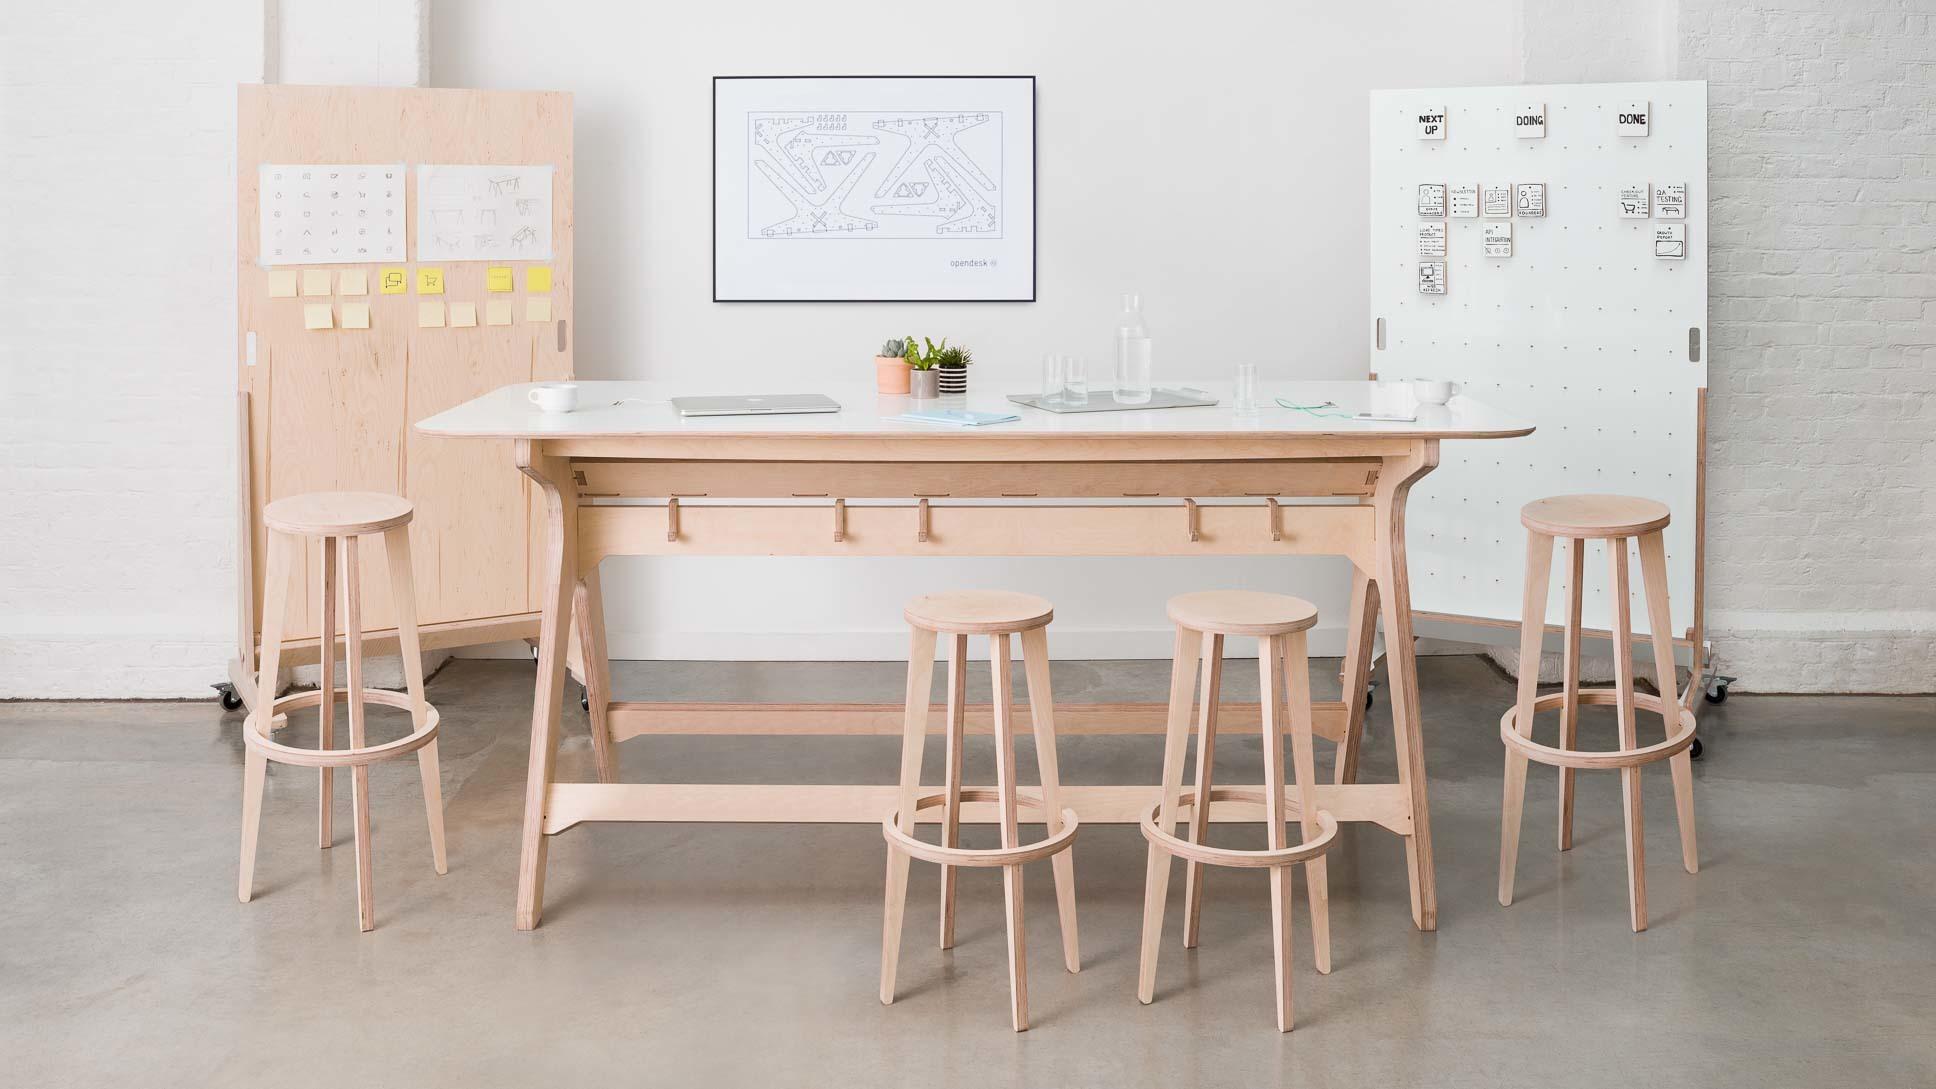 opendesk_furniture_divide-kanban-birch_product-page_gallery-image-Shot2-1825_v01_edit-2.jpg